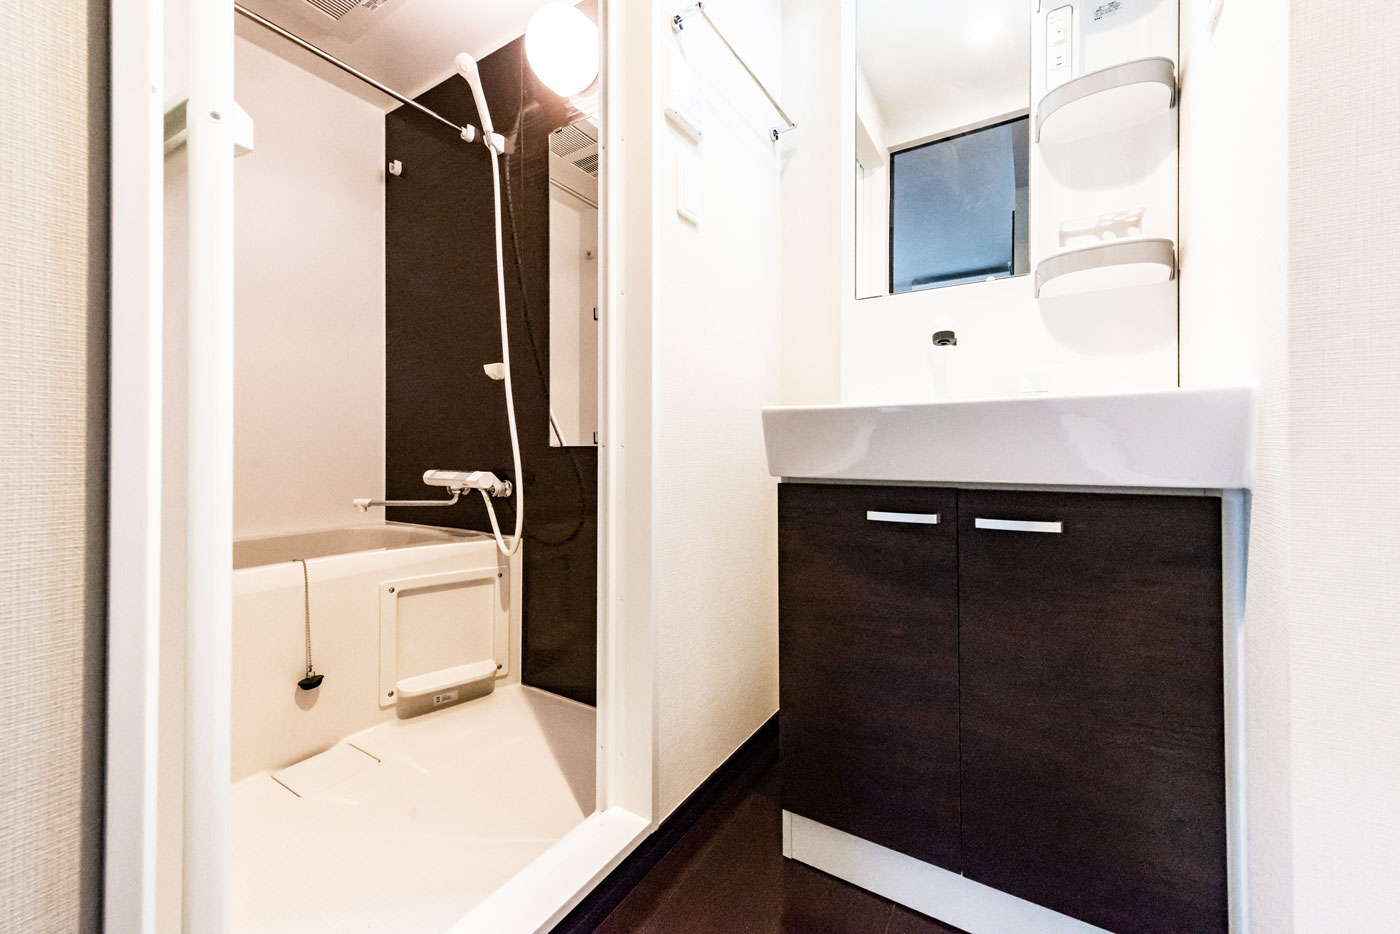 301-6 洗面室・浴室(1階3階Aタイプ共通)